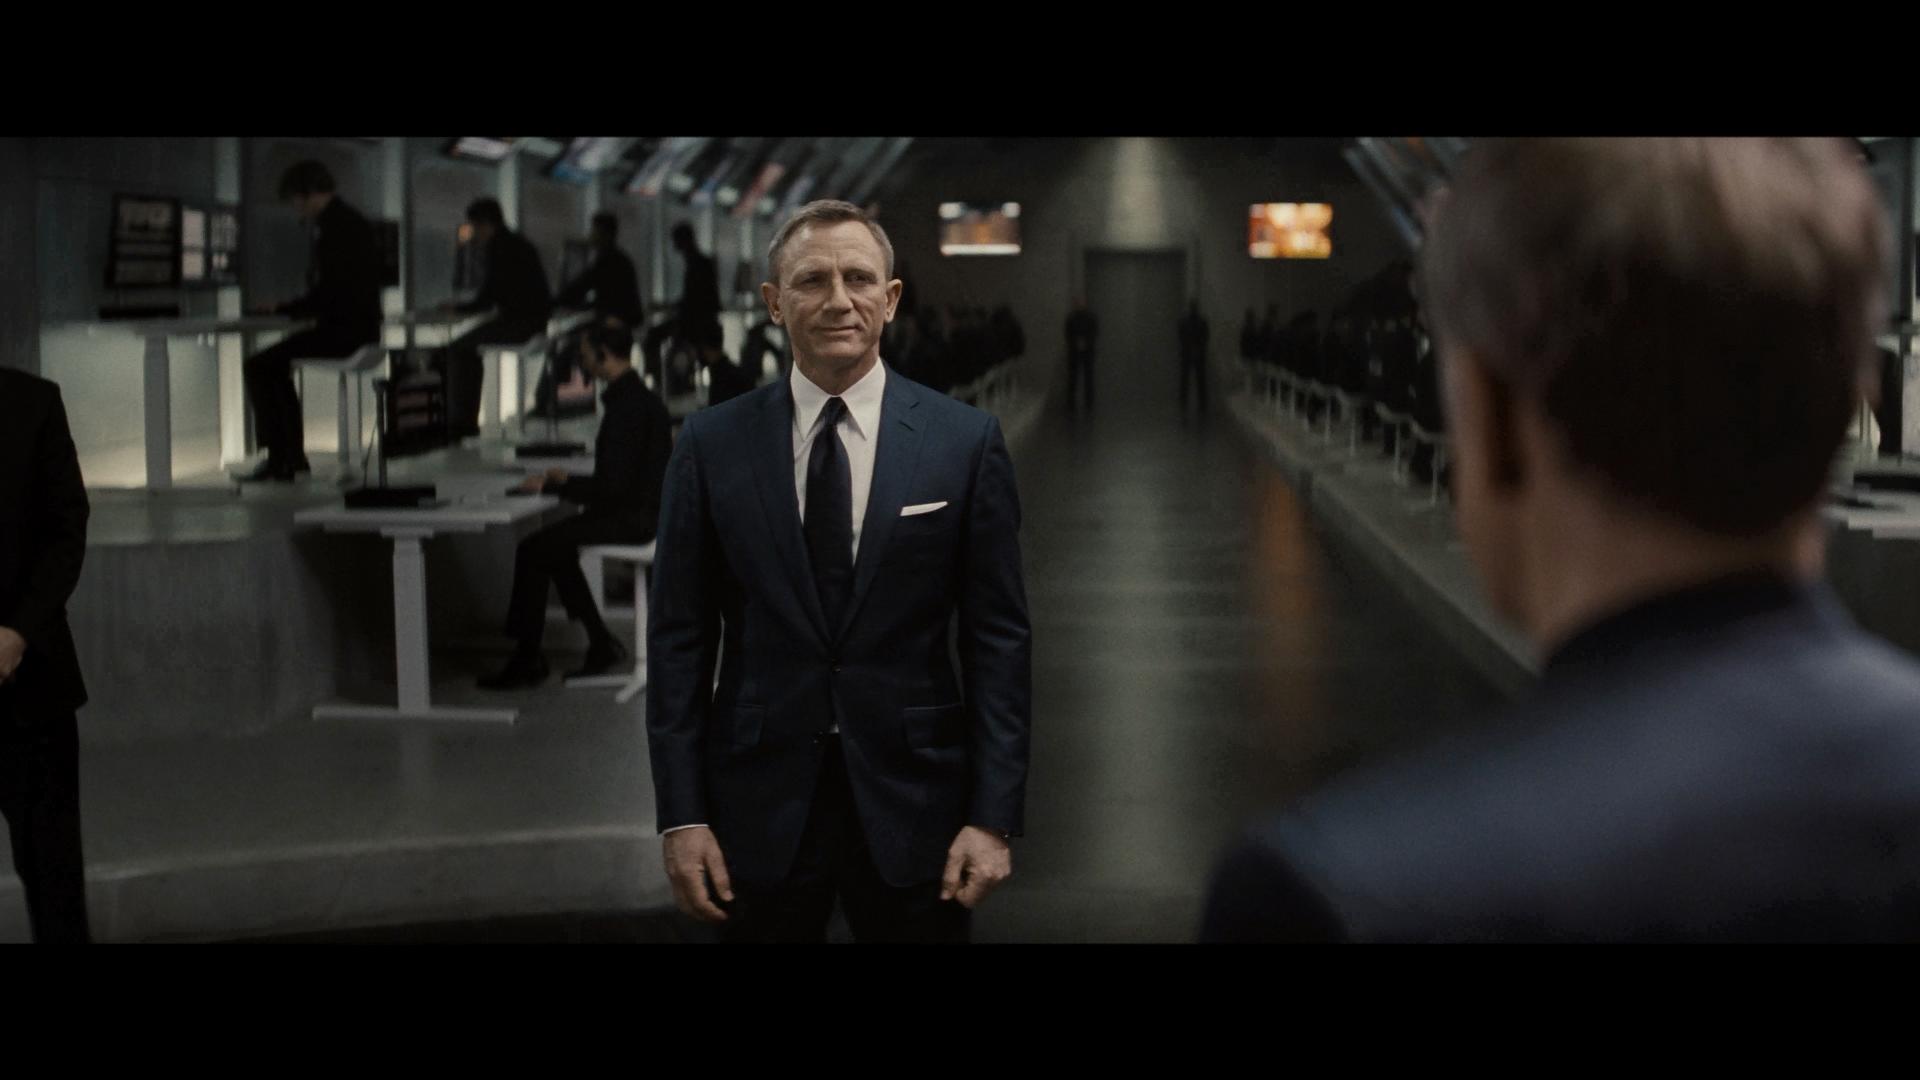 007 Спектр скачать торрент HD